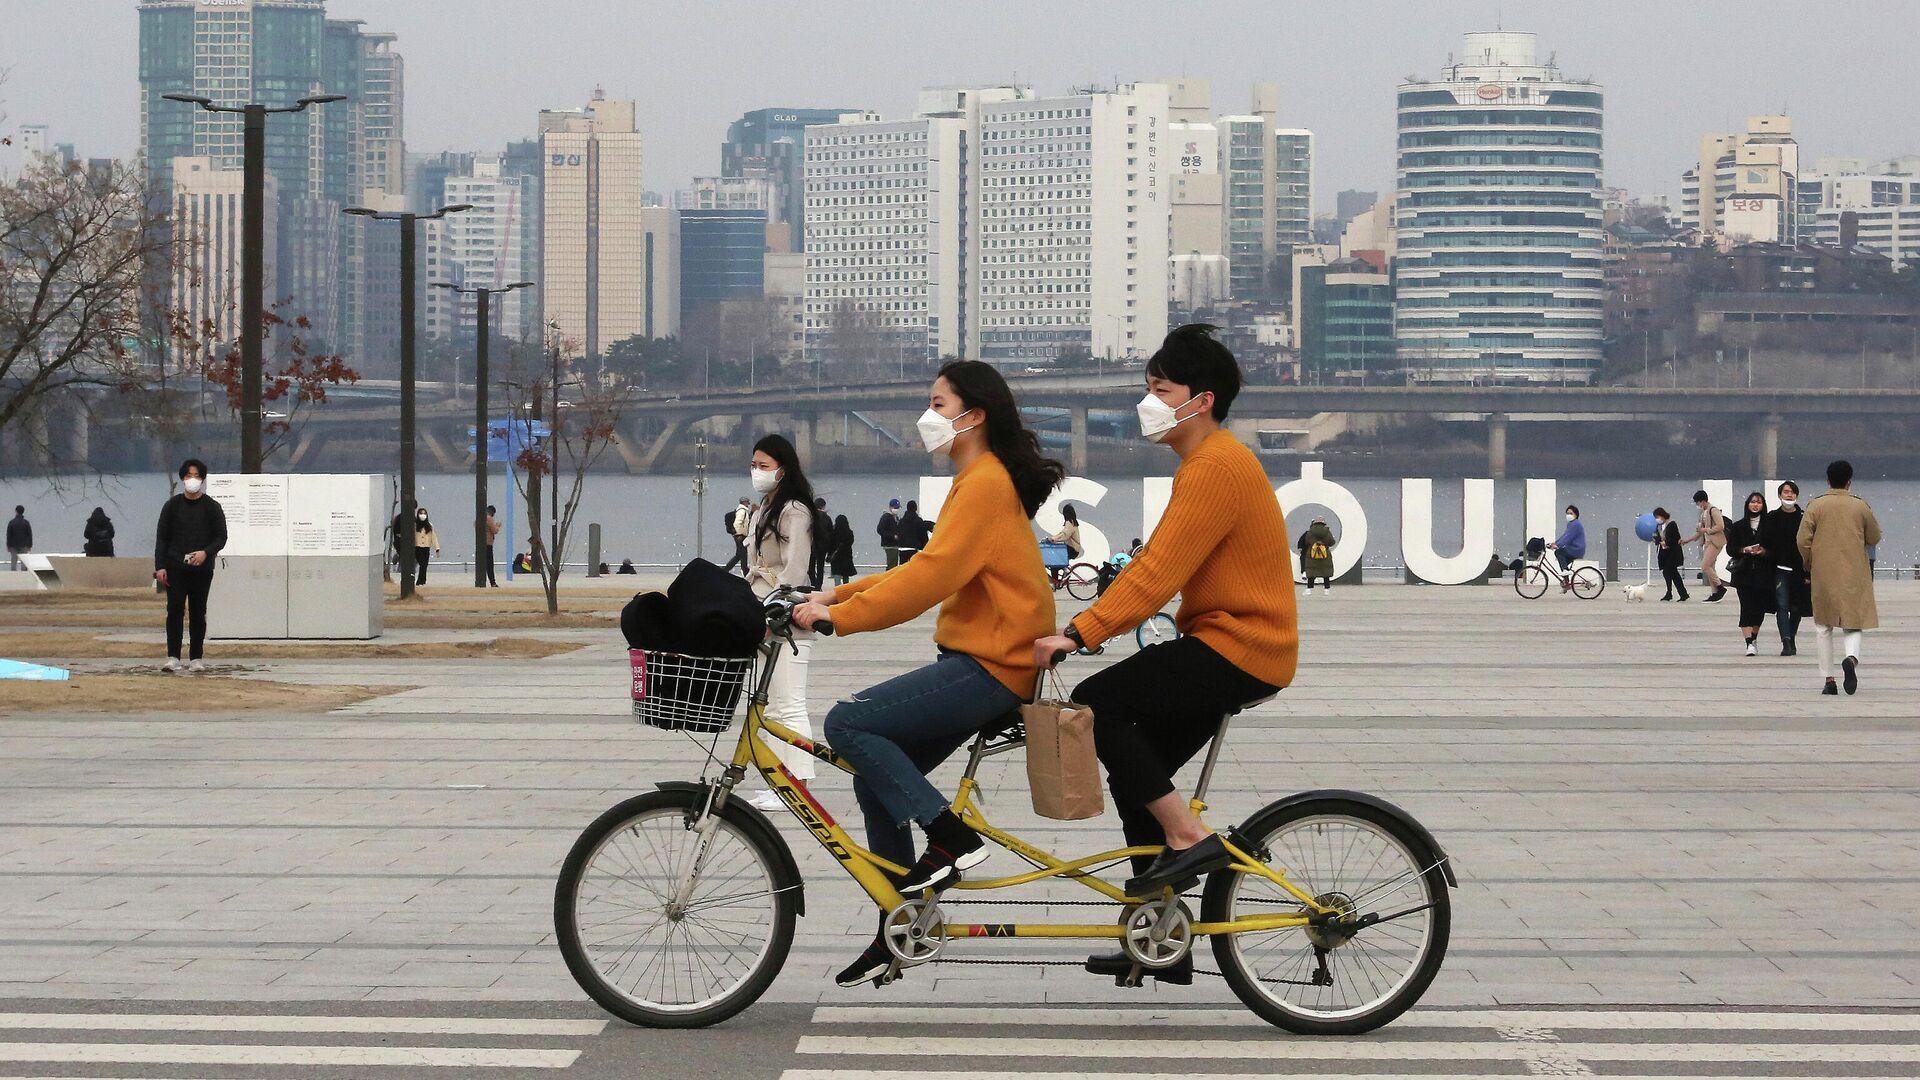 Пара катается на тандеме в парке в Сеуле, Южная Корея - РИА Новости, 1920, 10.06.2021